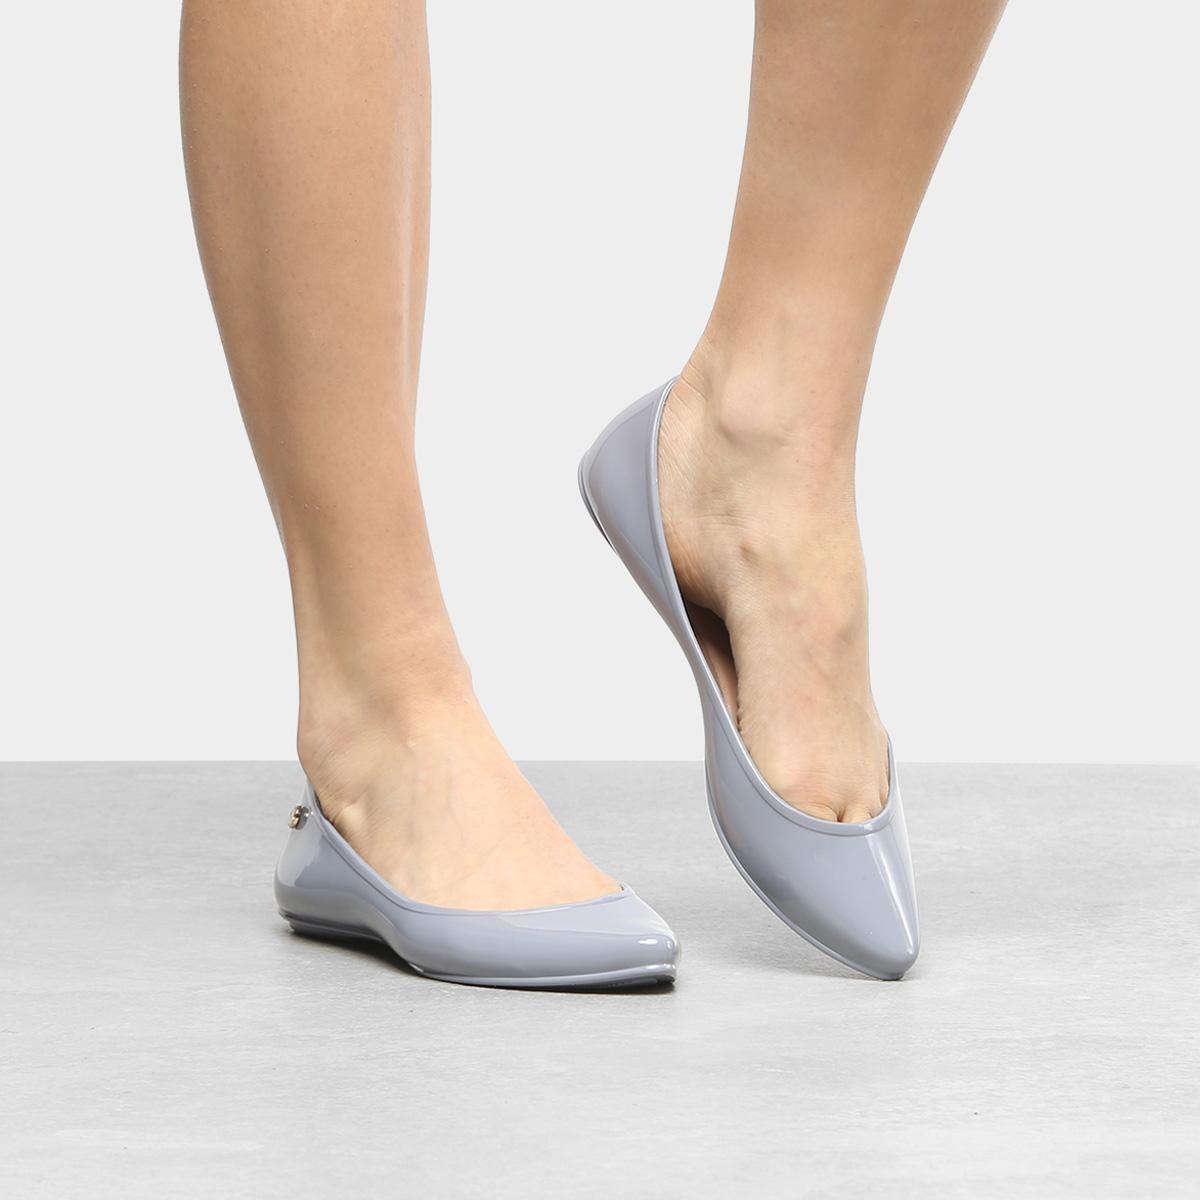 3a95ec4cd8 sapatilha bottero plástico bico fino lisa feminina. Carregando zoom.